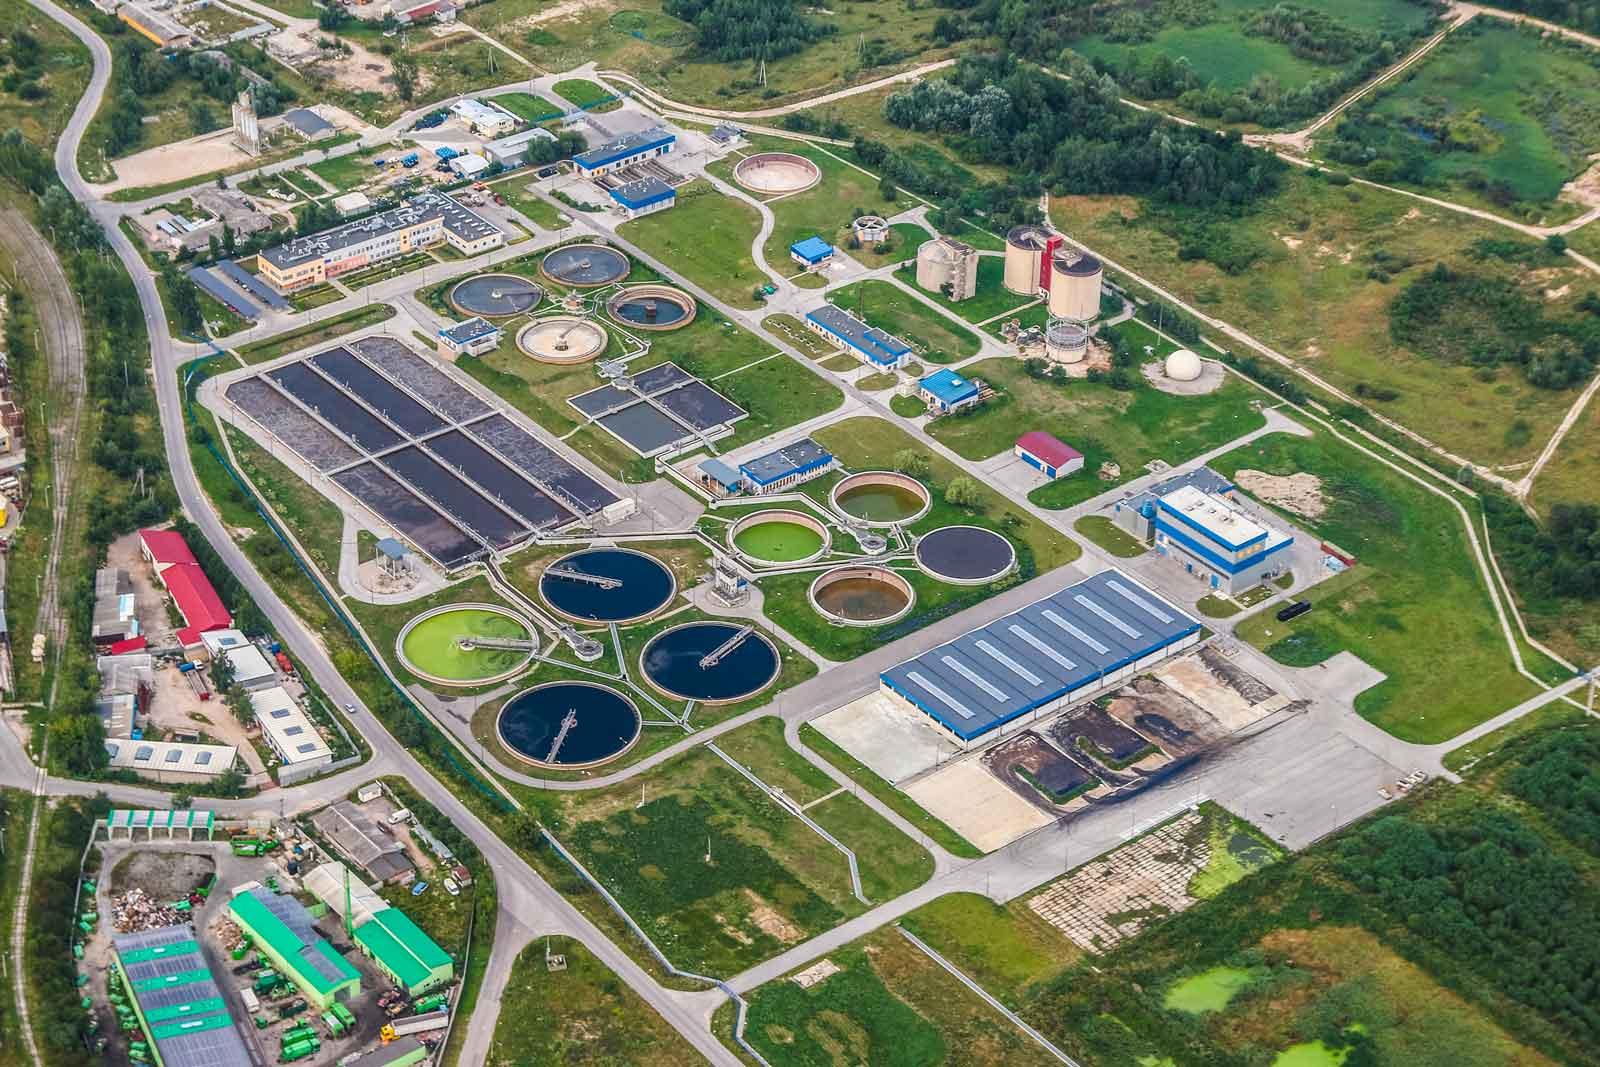 slide_eurobio-bac-graisse-services-industrie-agro-cuisine-centrale-bio-technologie-environnement-assainissement-station-epuration-odeurs-eaux-usees-france-europe08